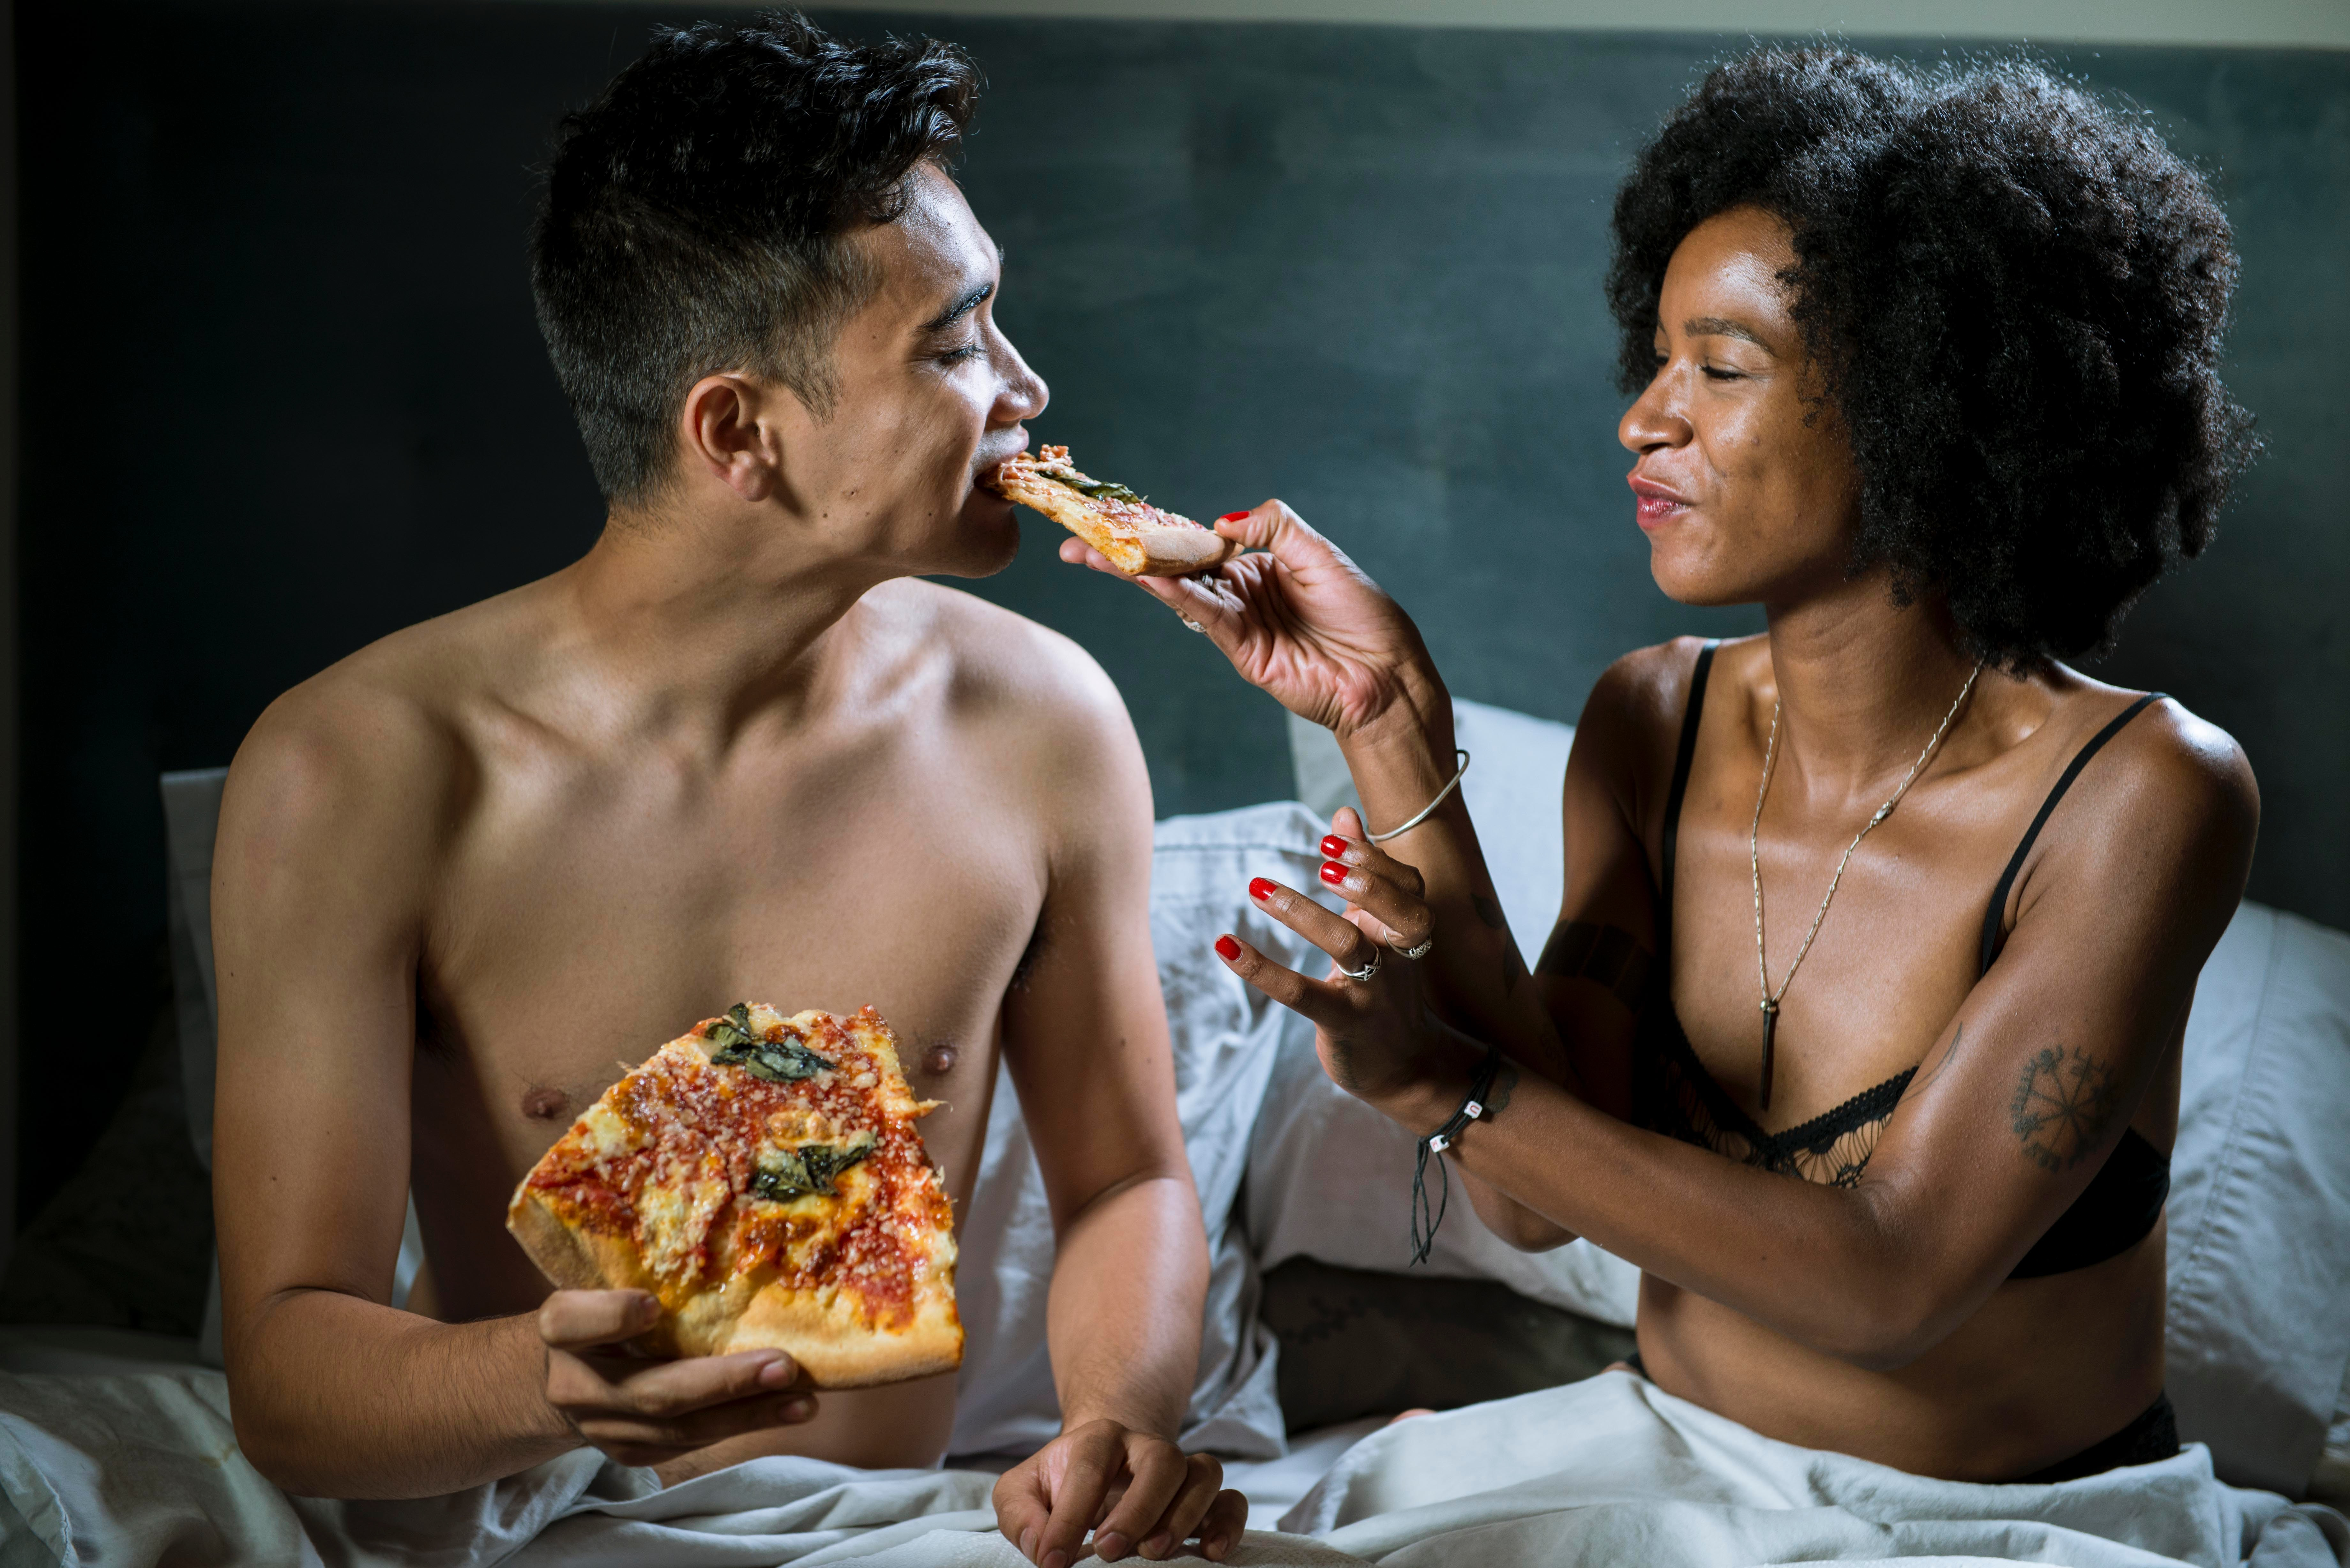 Better Orgasm For Men